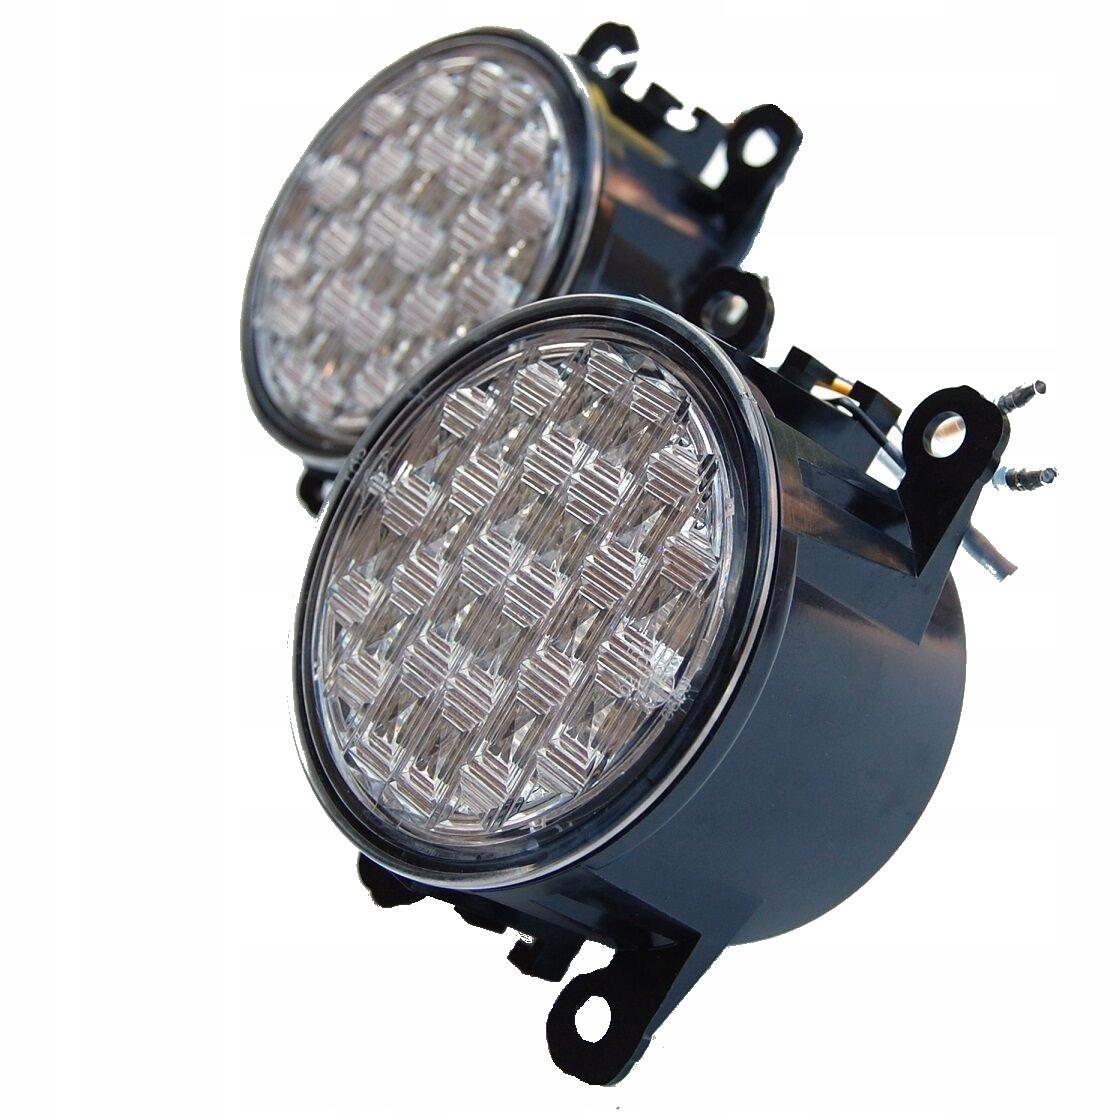 DRL Halogen LED do jazdy dziennej ponad 100 modeli 4